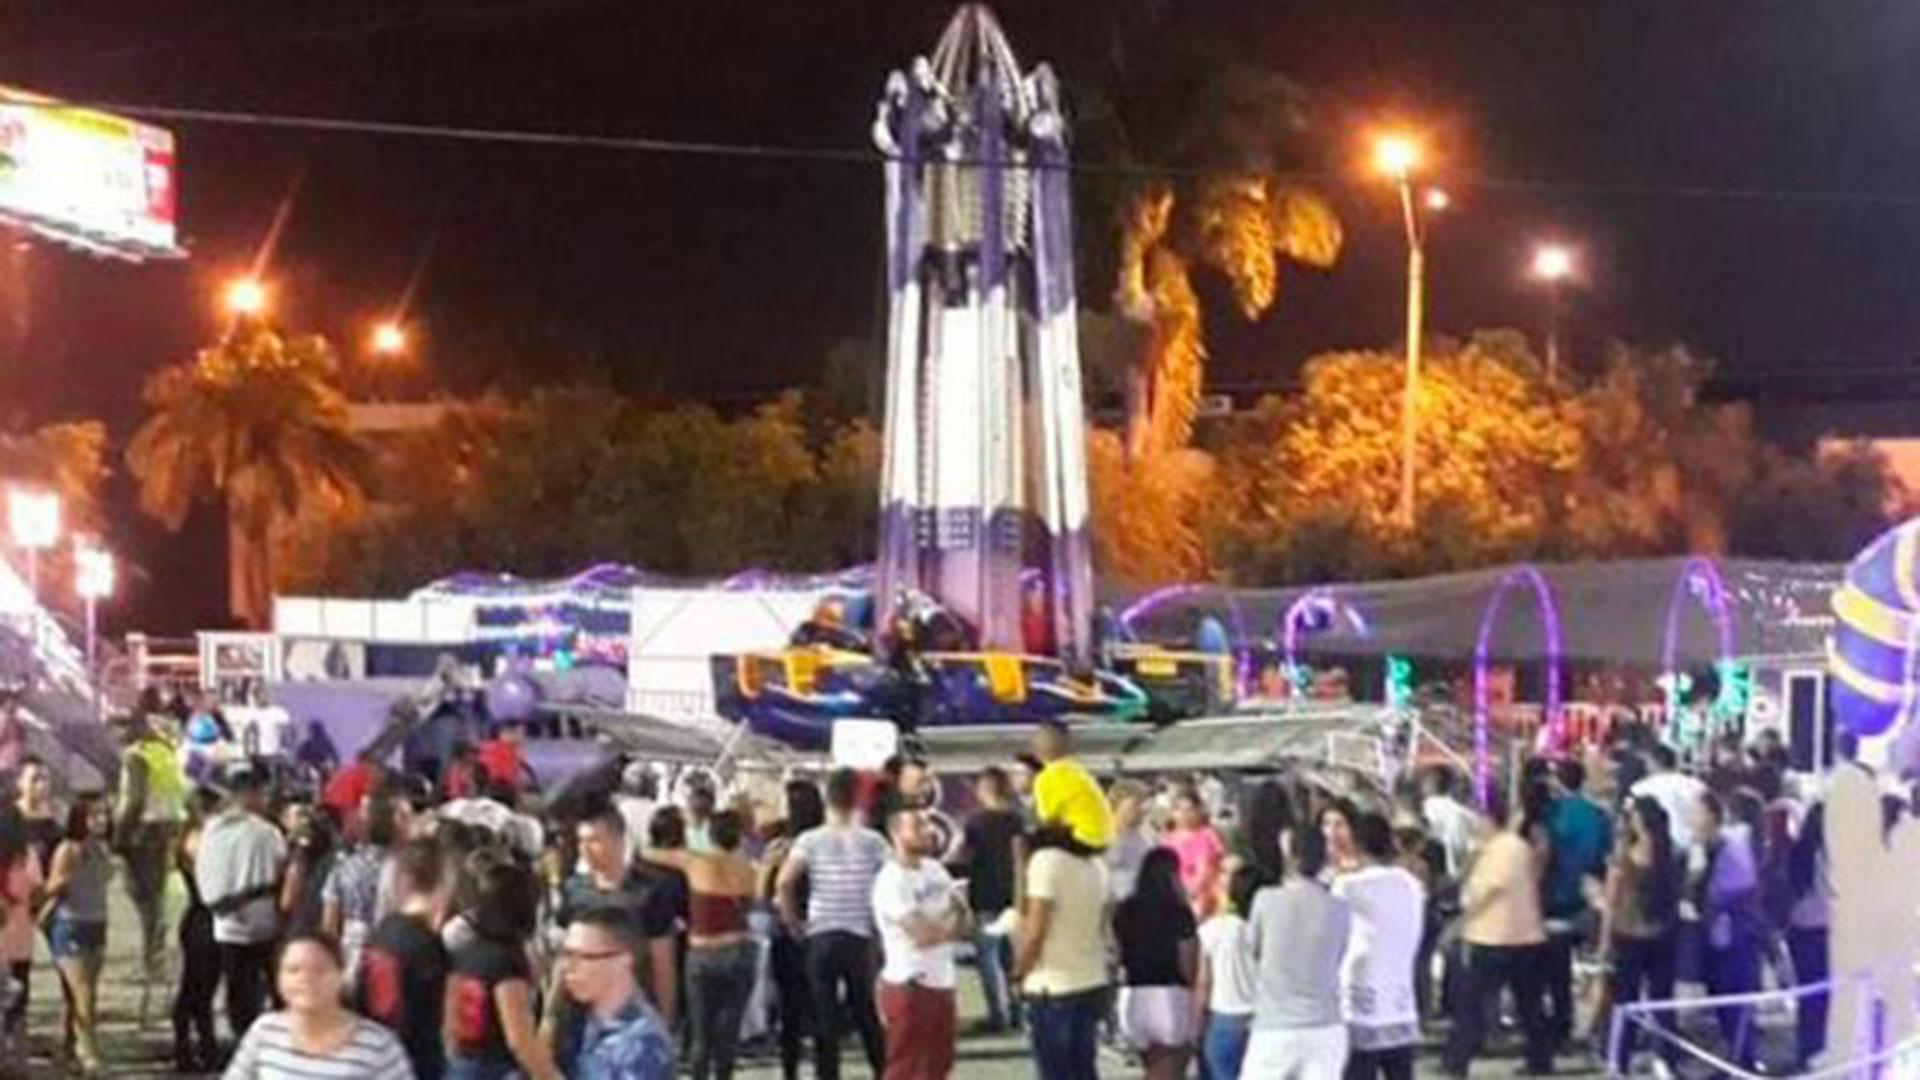 Los asistentes llamaron a los Bomberos para atender la emergencia pero el parque impidió su entrada, hecho por el que serán investigados.